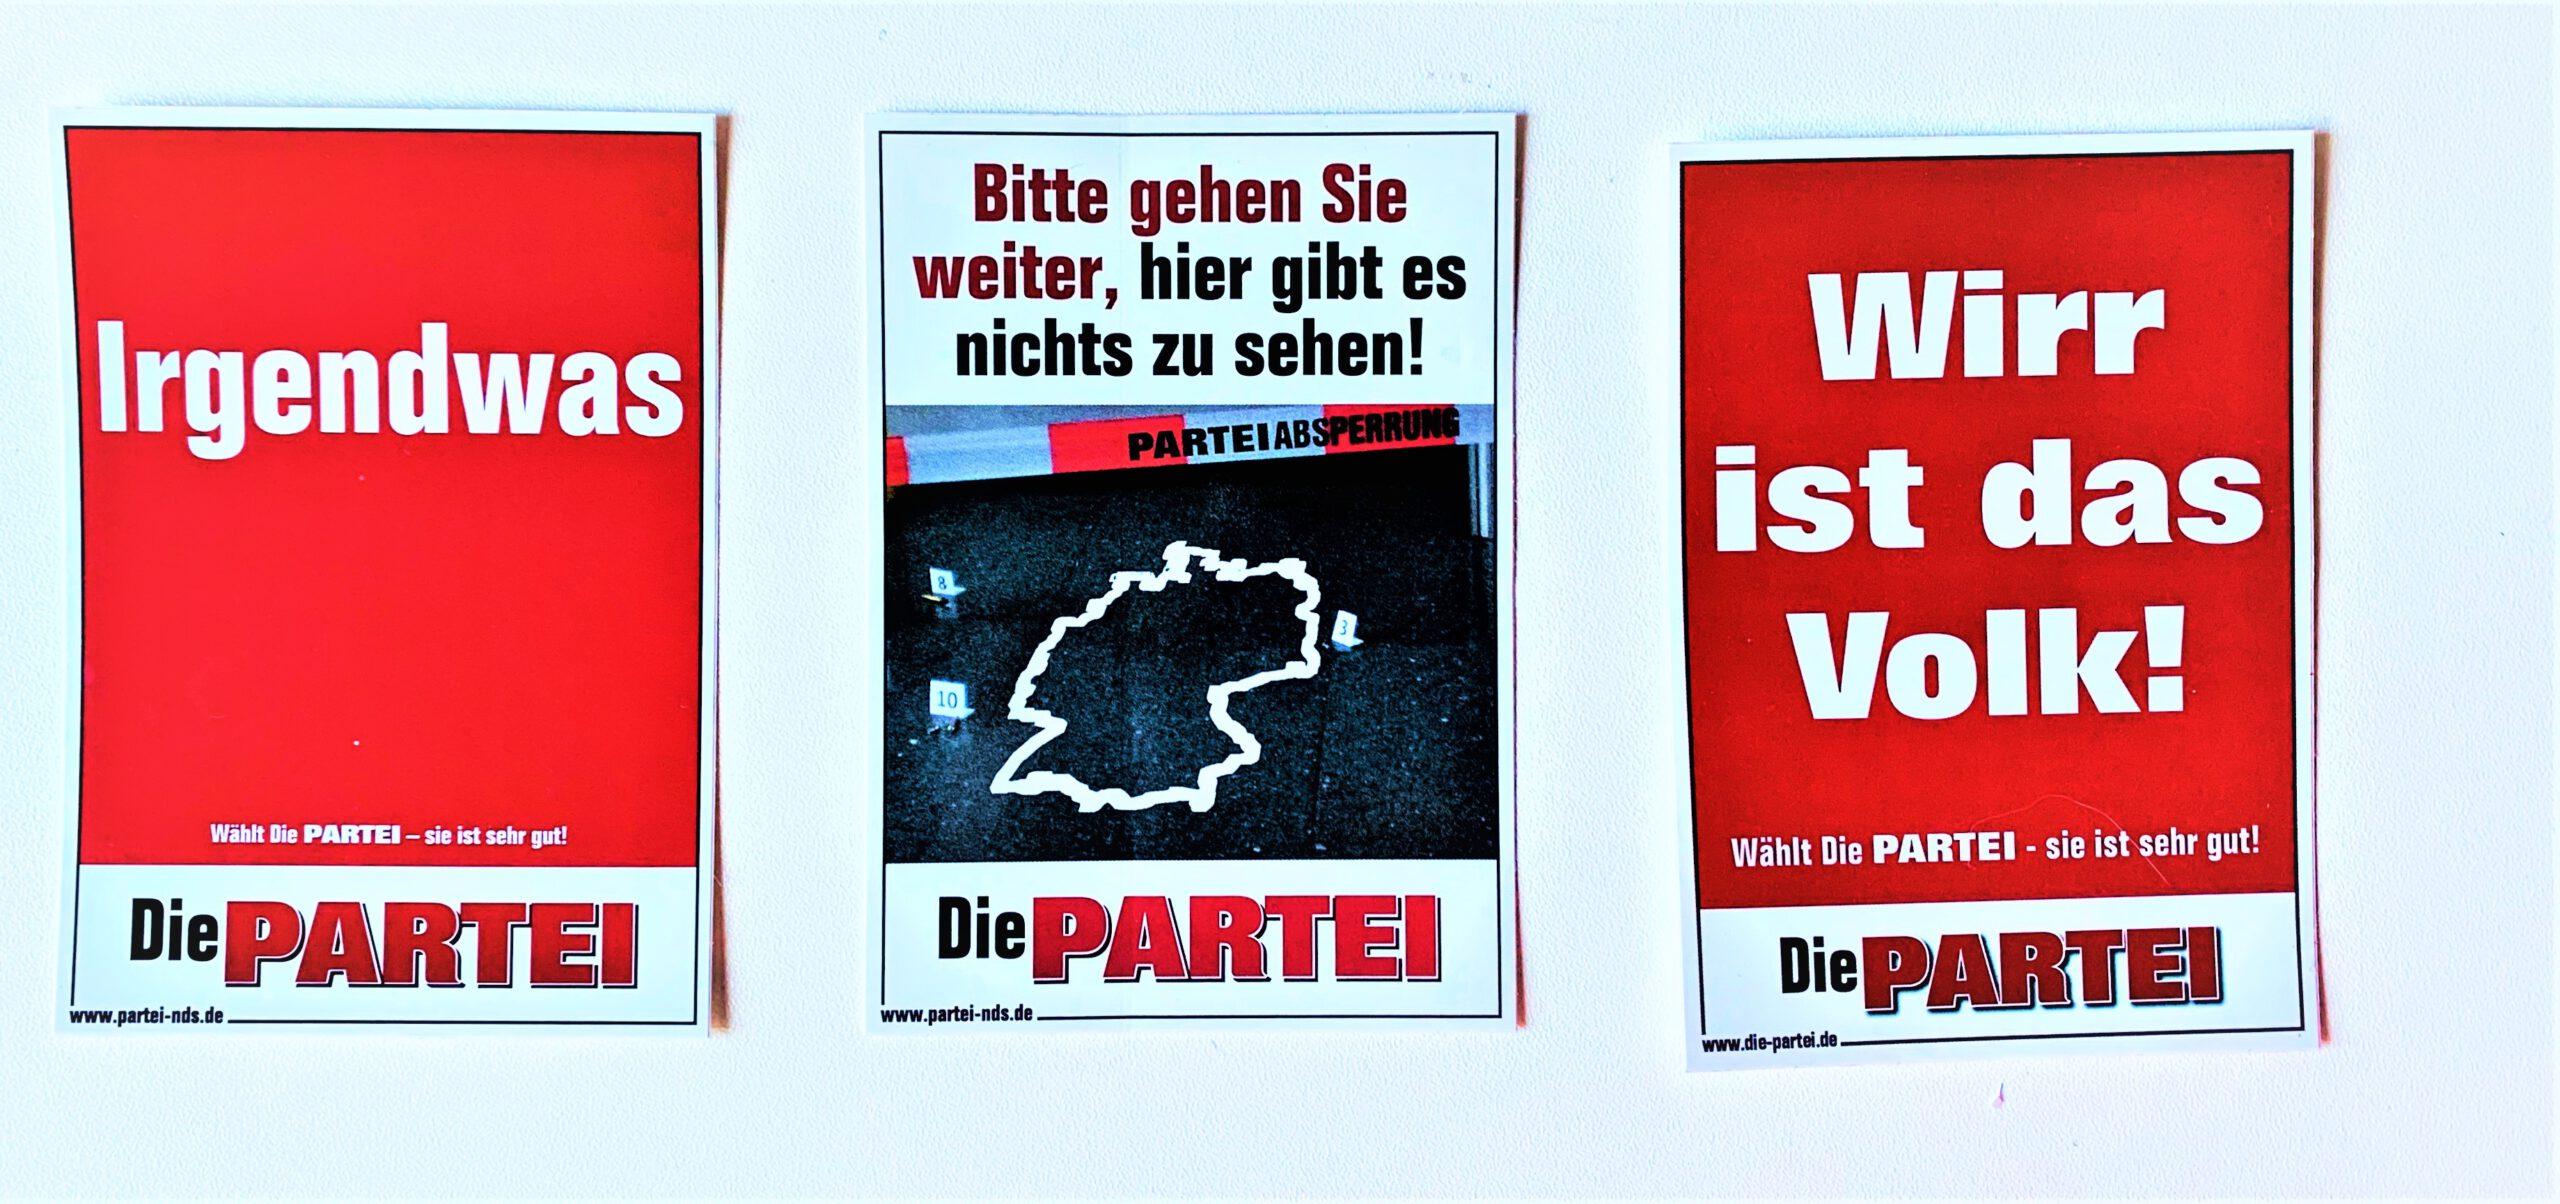 Die PARTEI ein Jahr vor der Bundestagswahl – Kurz vor dem Einzug?